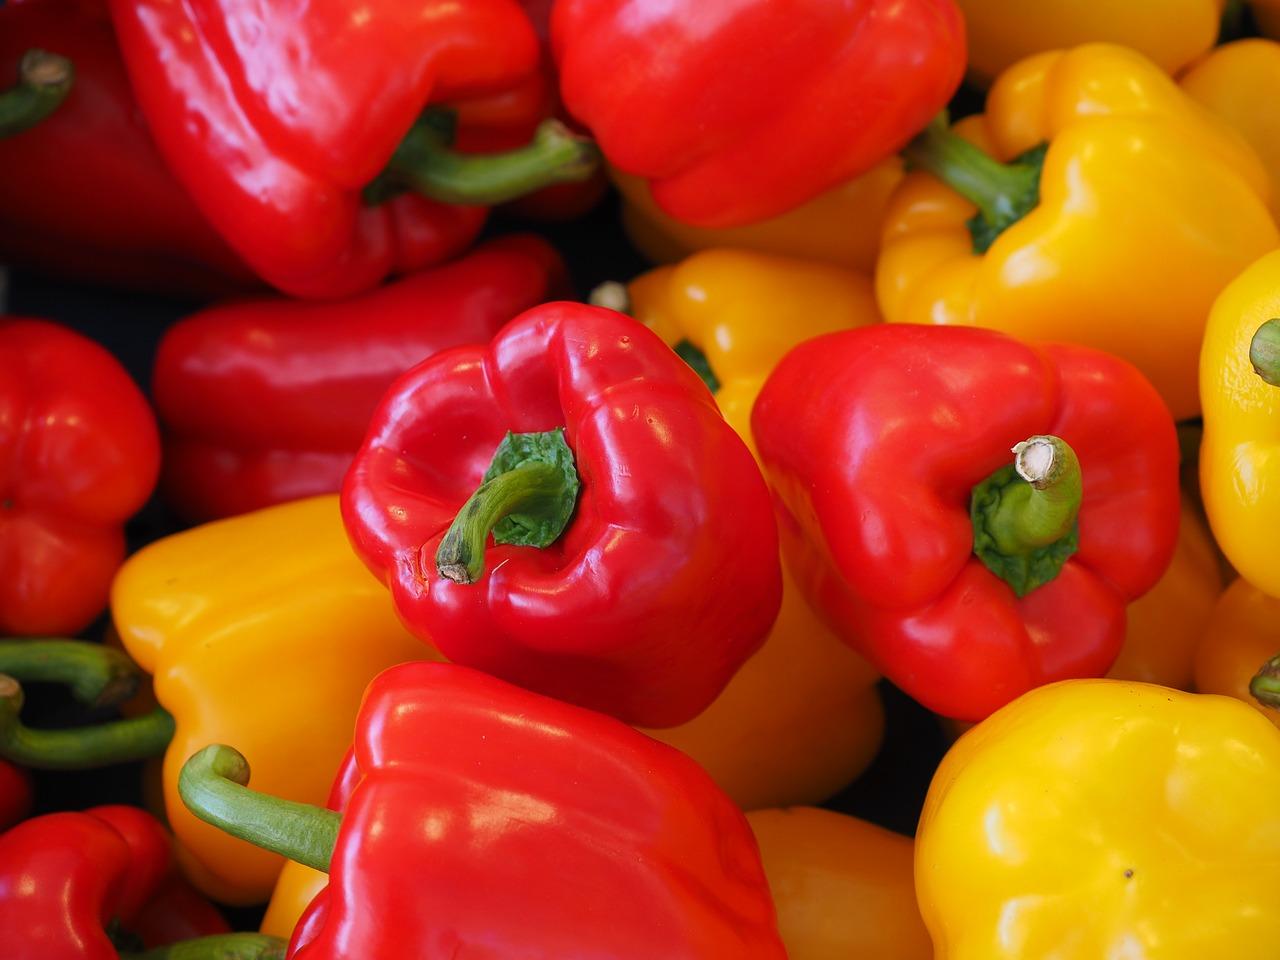 sweet-peppers-499068_1280.jpg